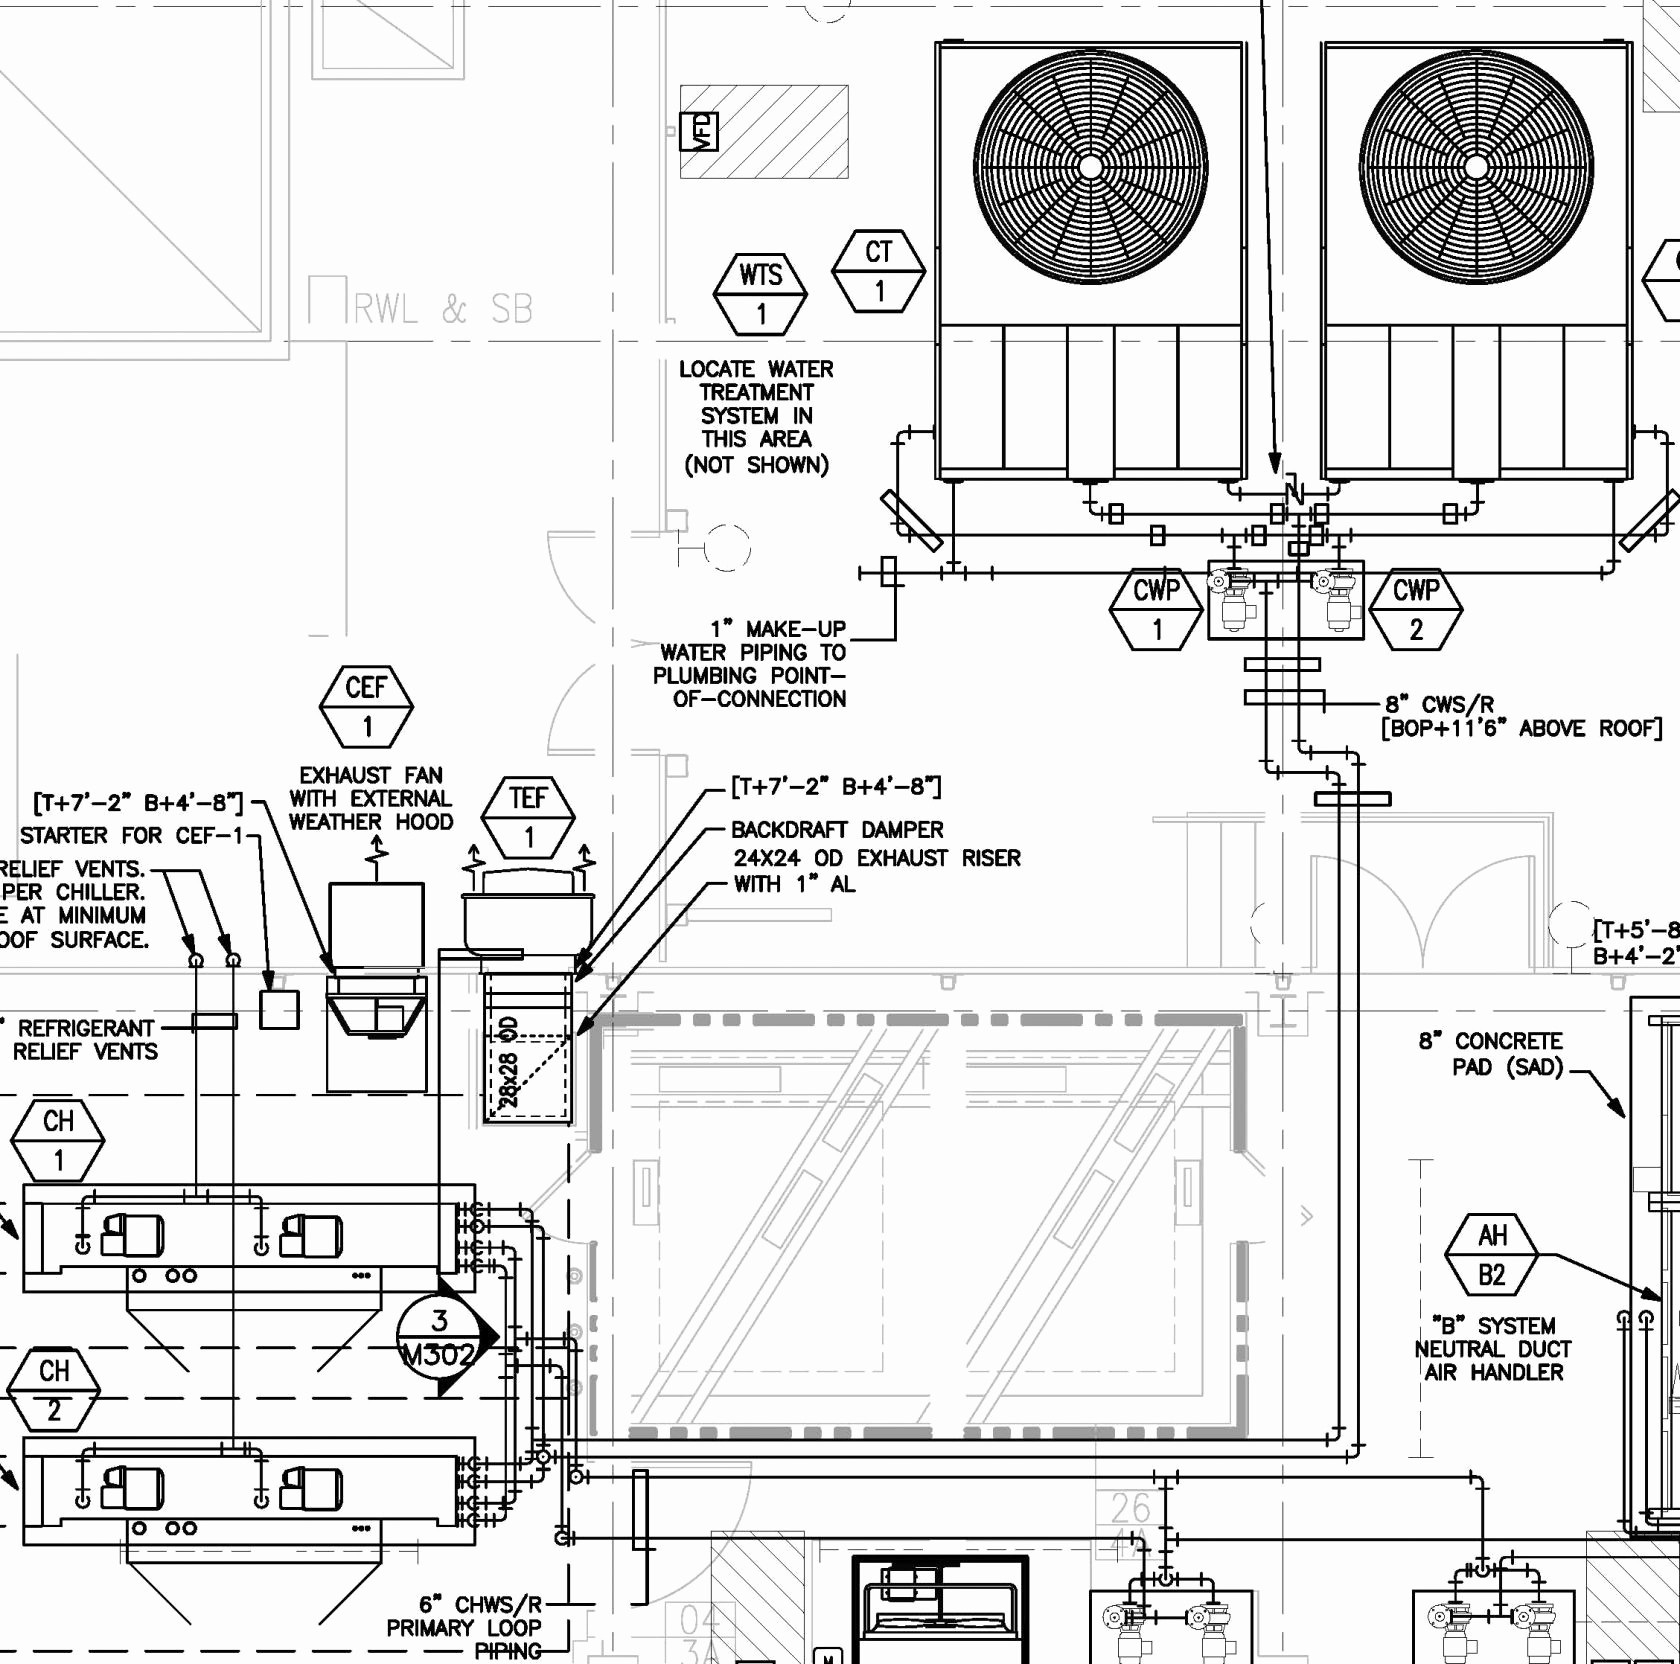 Swimming Pool Circulation System Diagram